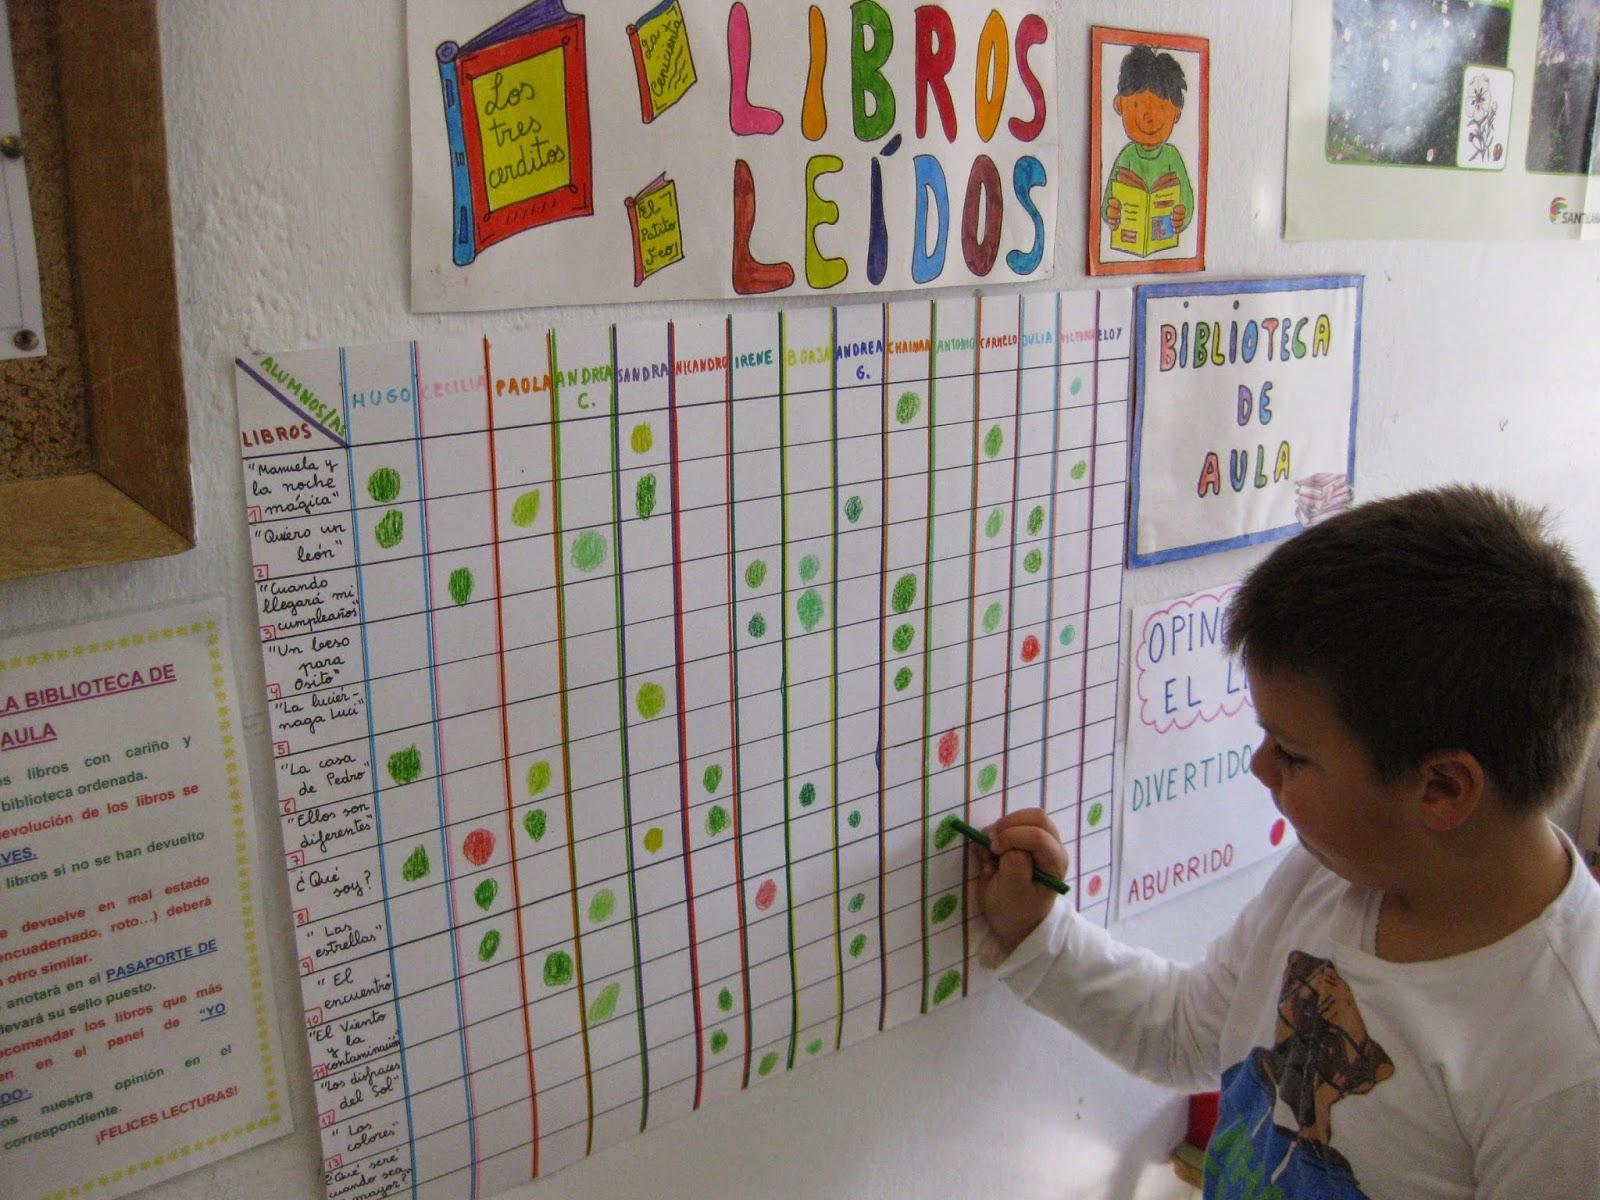 Mi bibliorinc n nuestra biblioteca de aula for Decoracion de espacios de preescolar